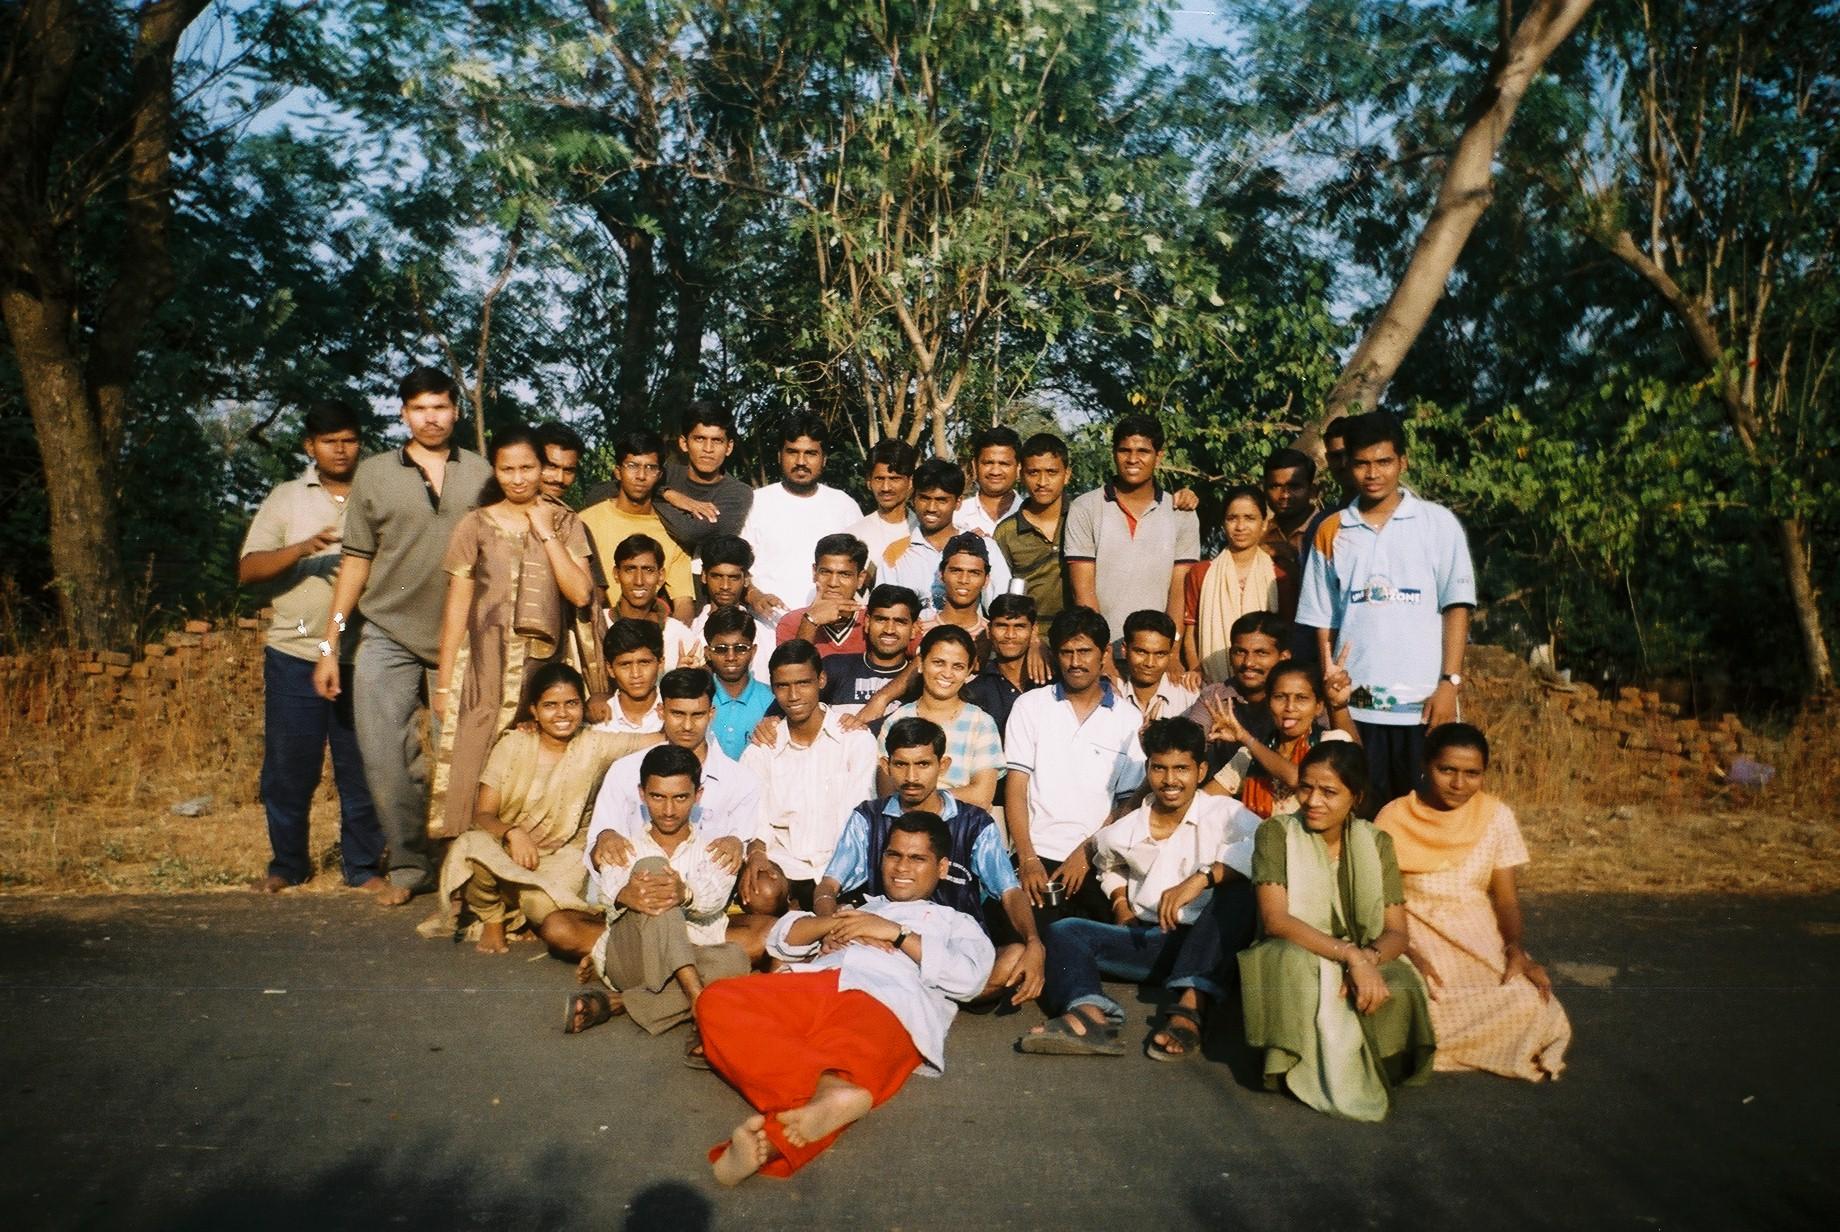 Manjul Bharadwaj and the mesmerized group...